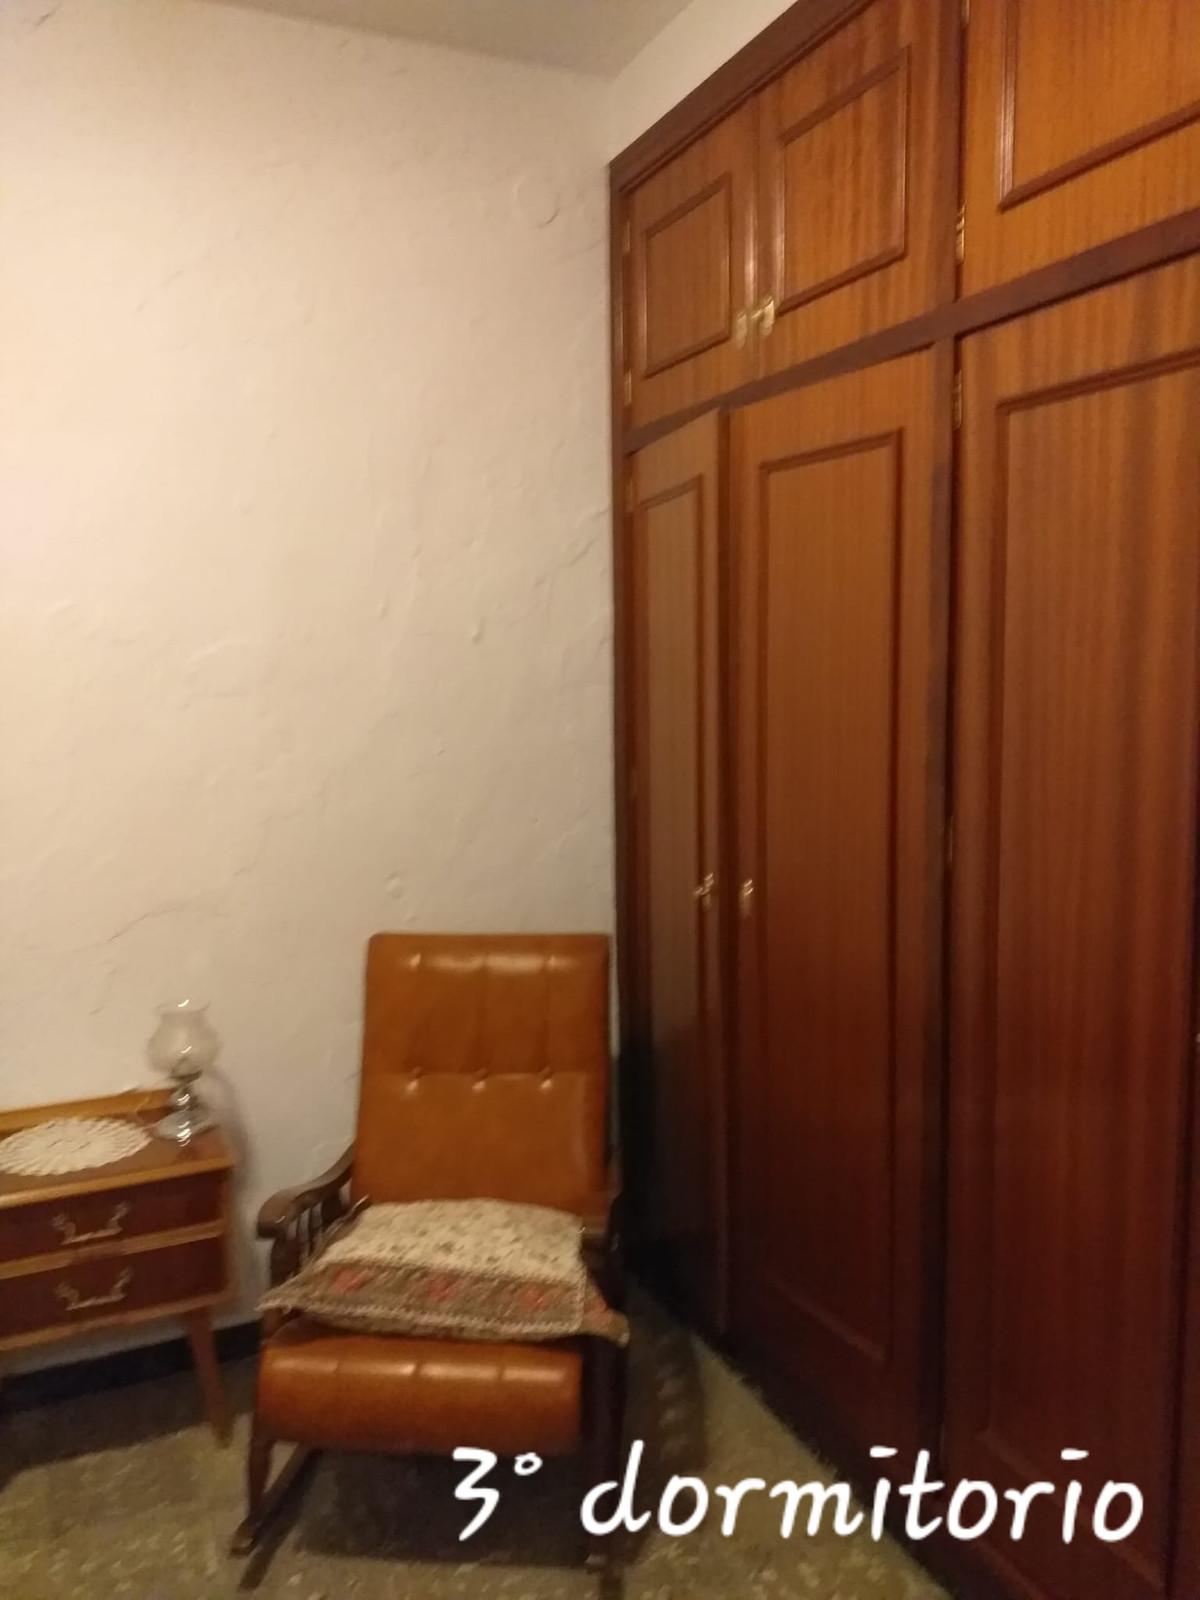 4 Bedrooms - 1 Bathrooms